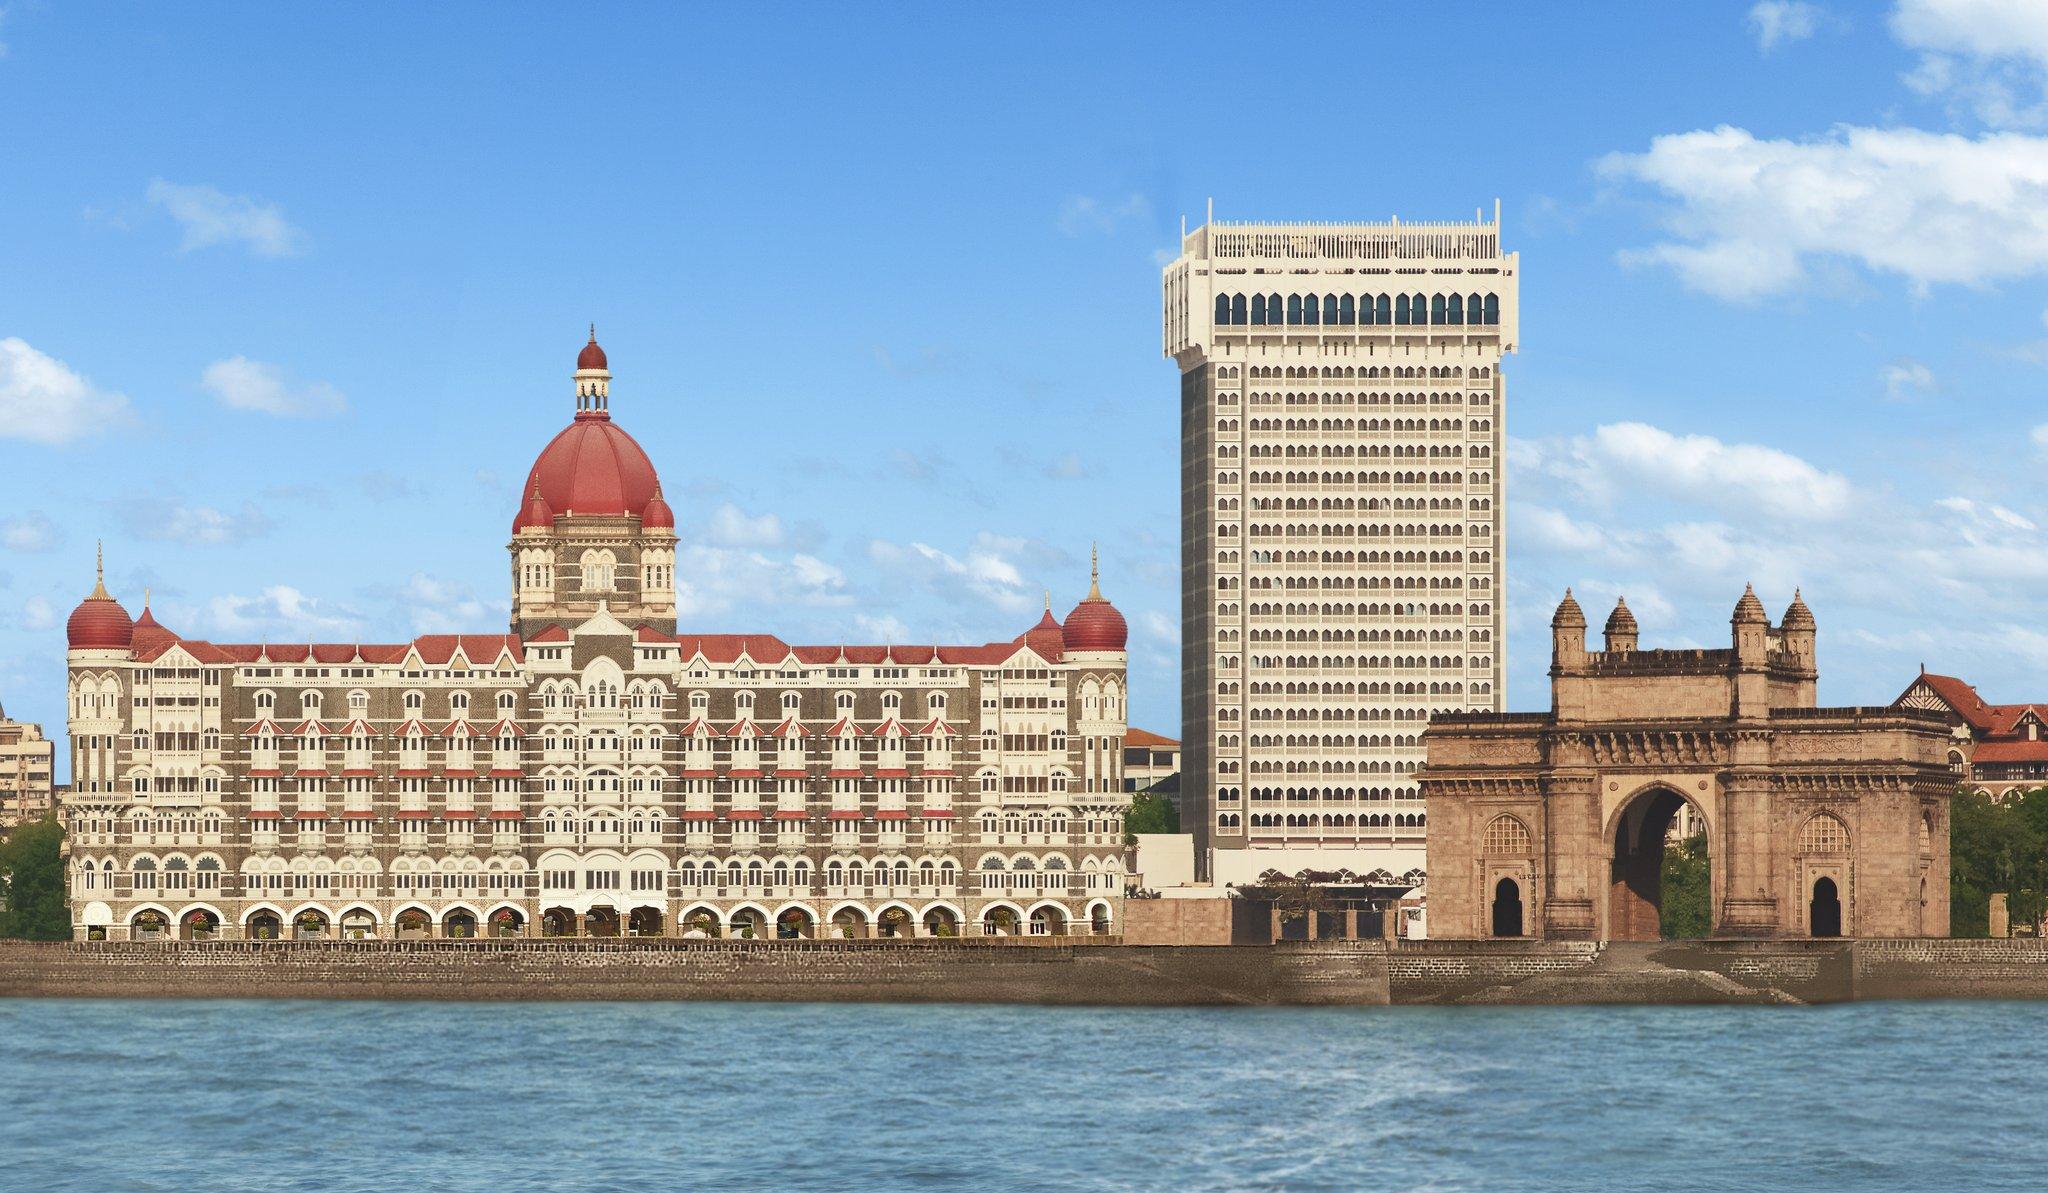 Meetings And Events At The Taj Mahal Palace Mumbai In - Bangalore-taj-hotels-the-happening-landmark-of-the-city